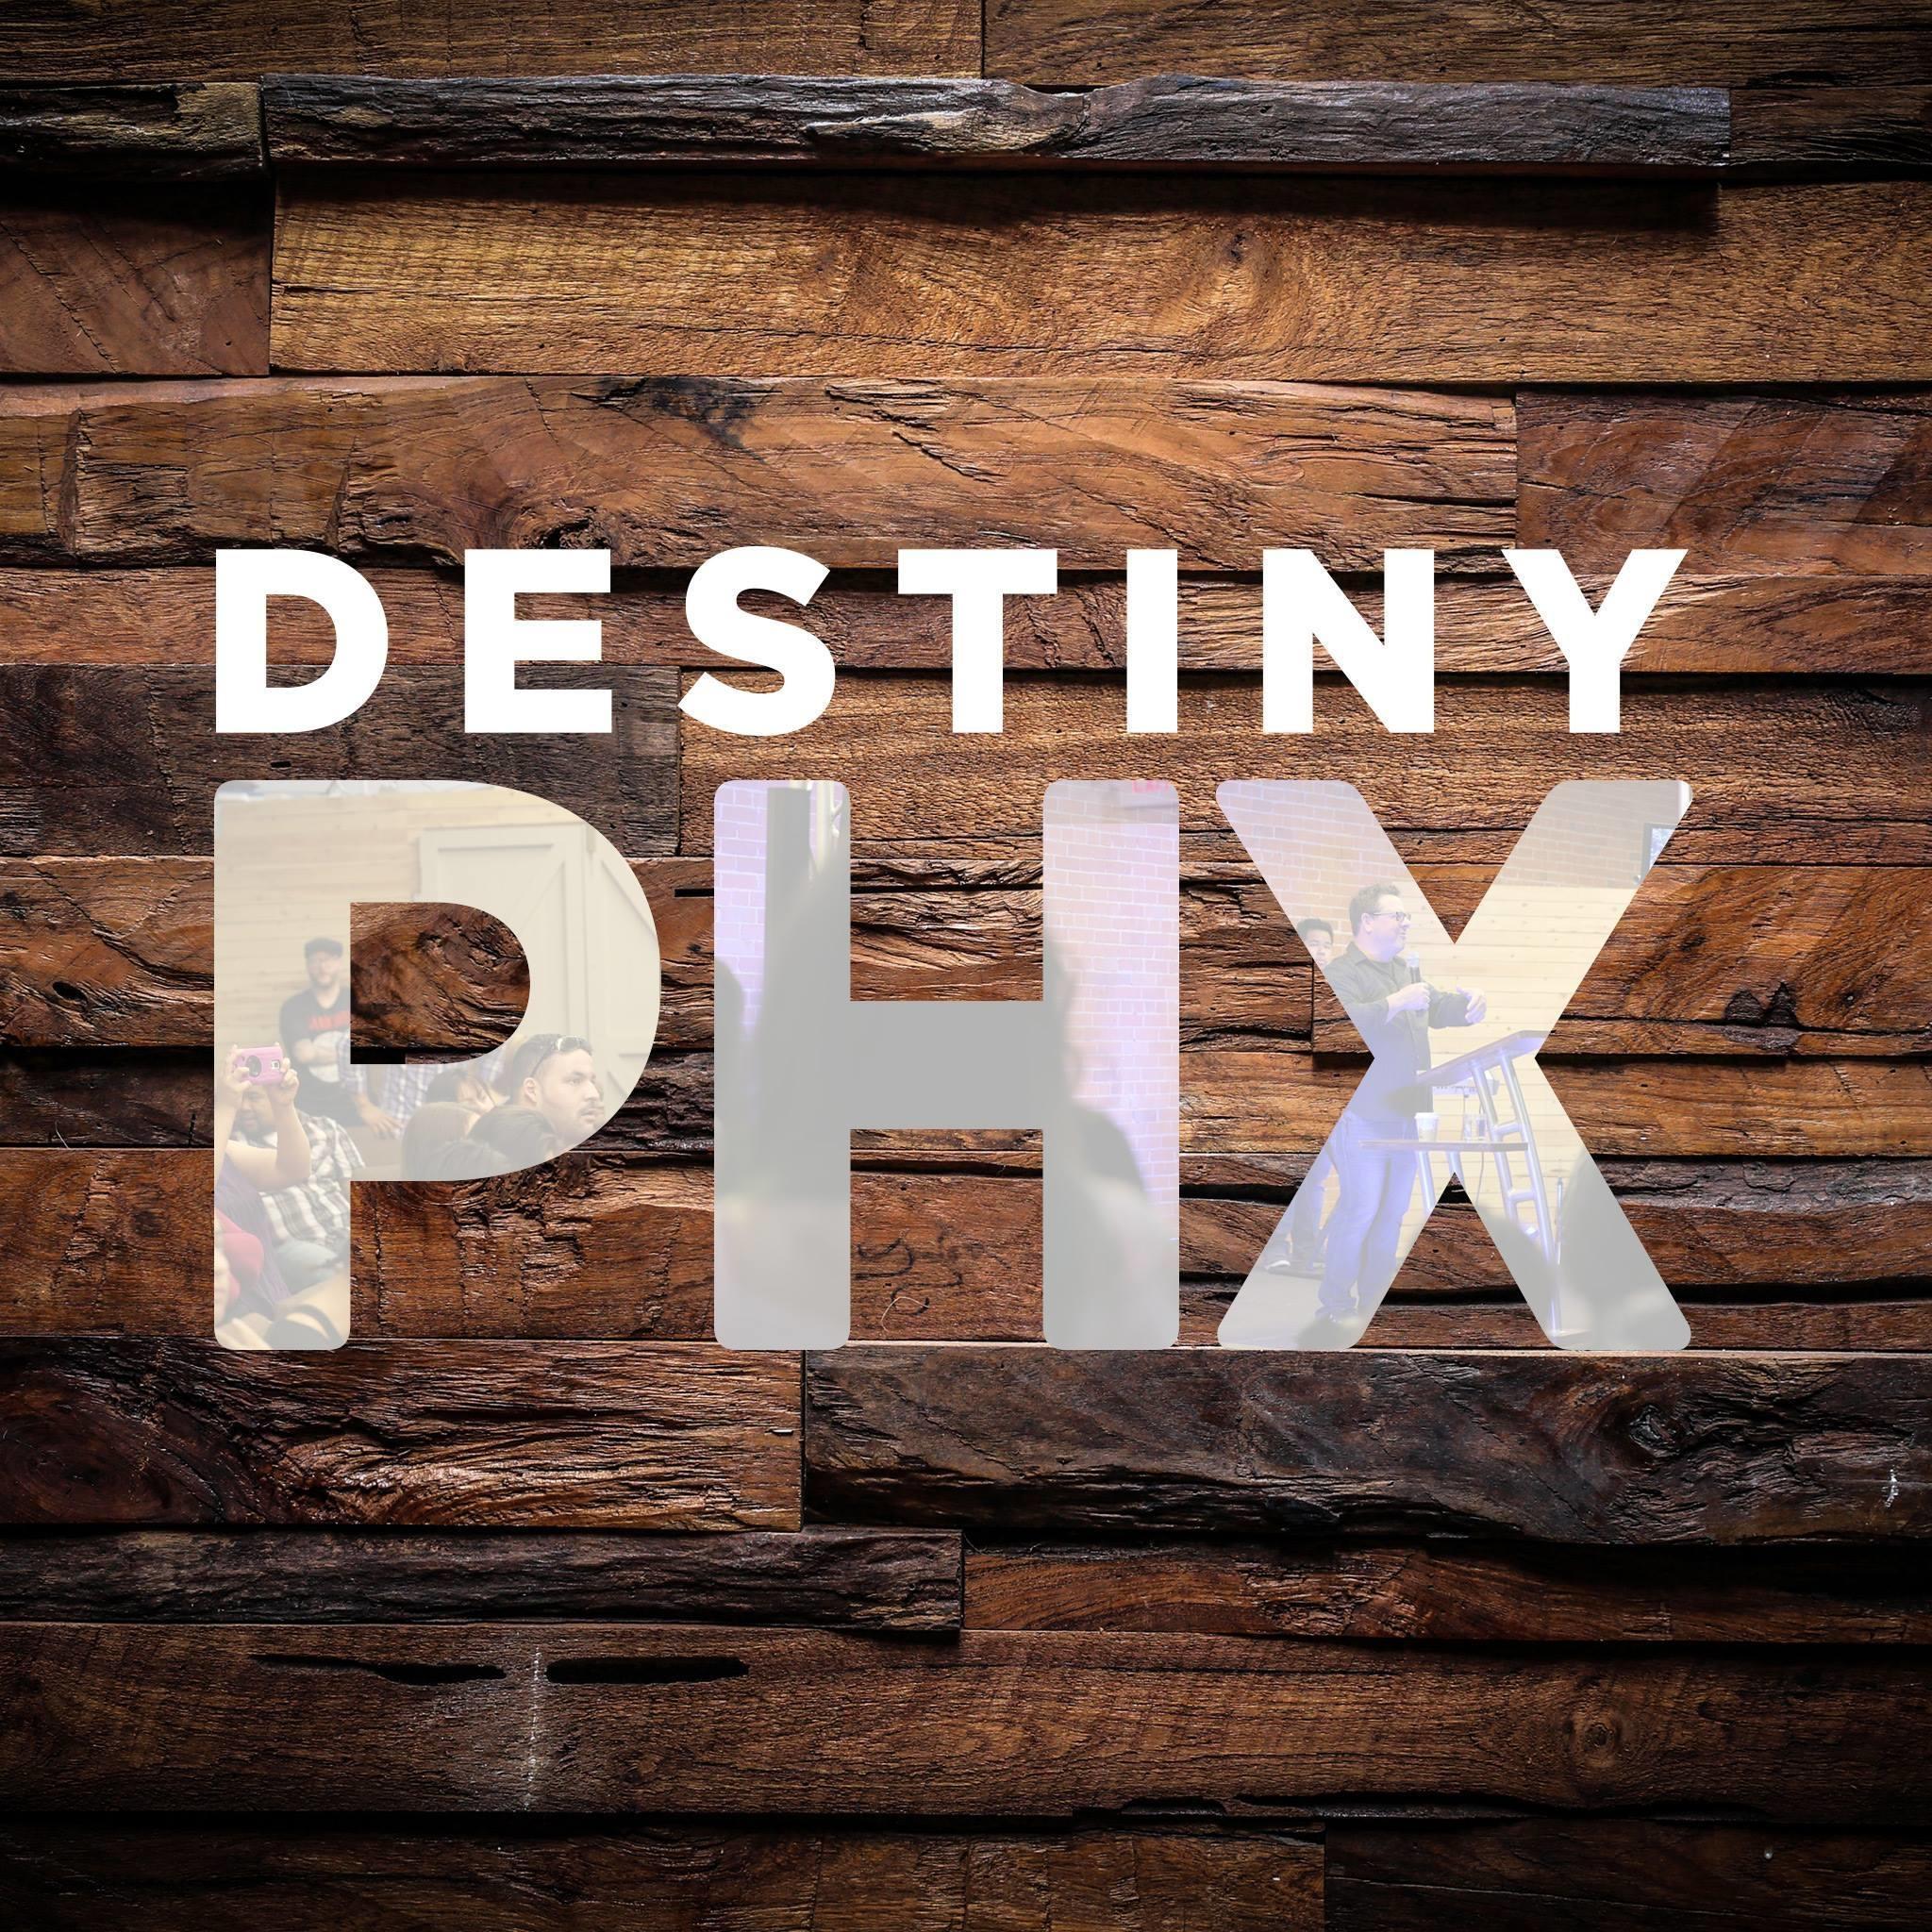 Destiny Church - PHX